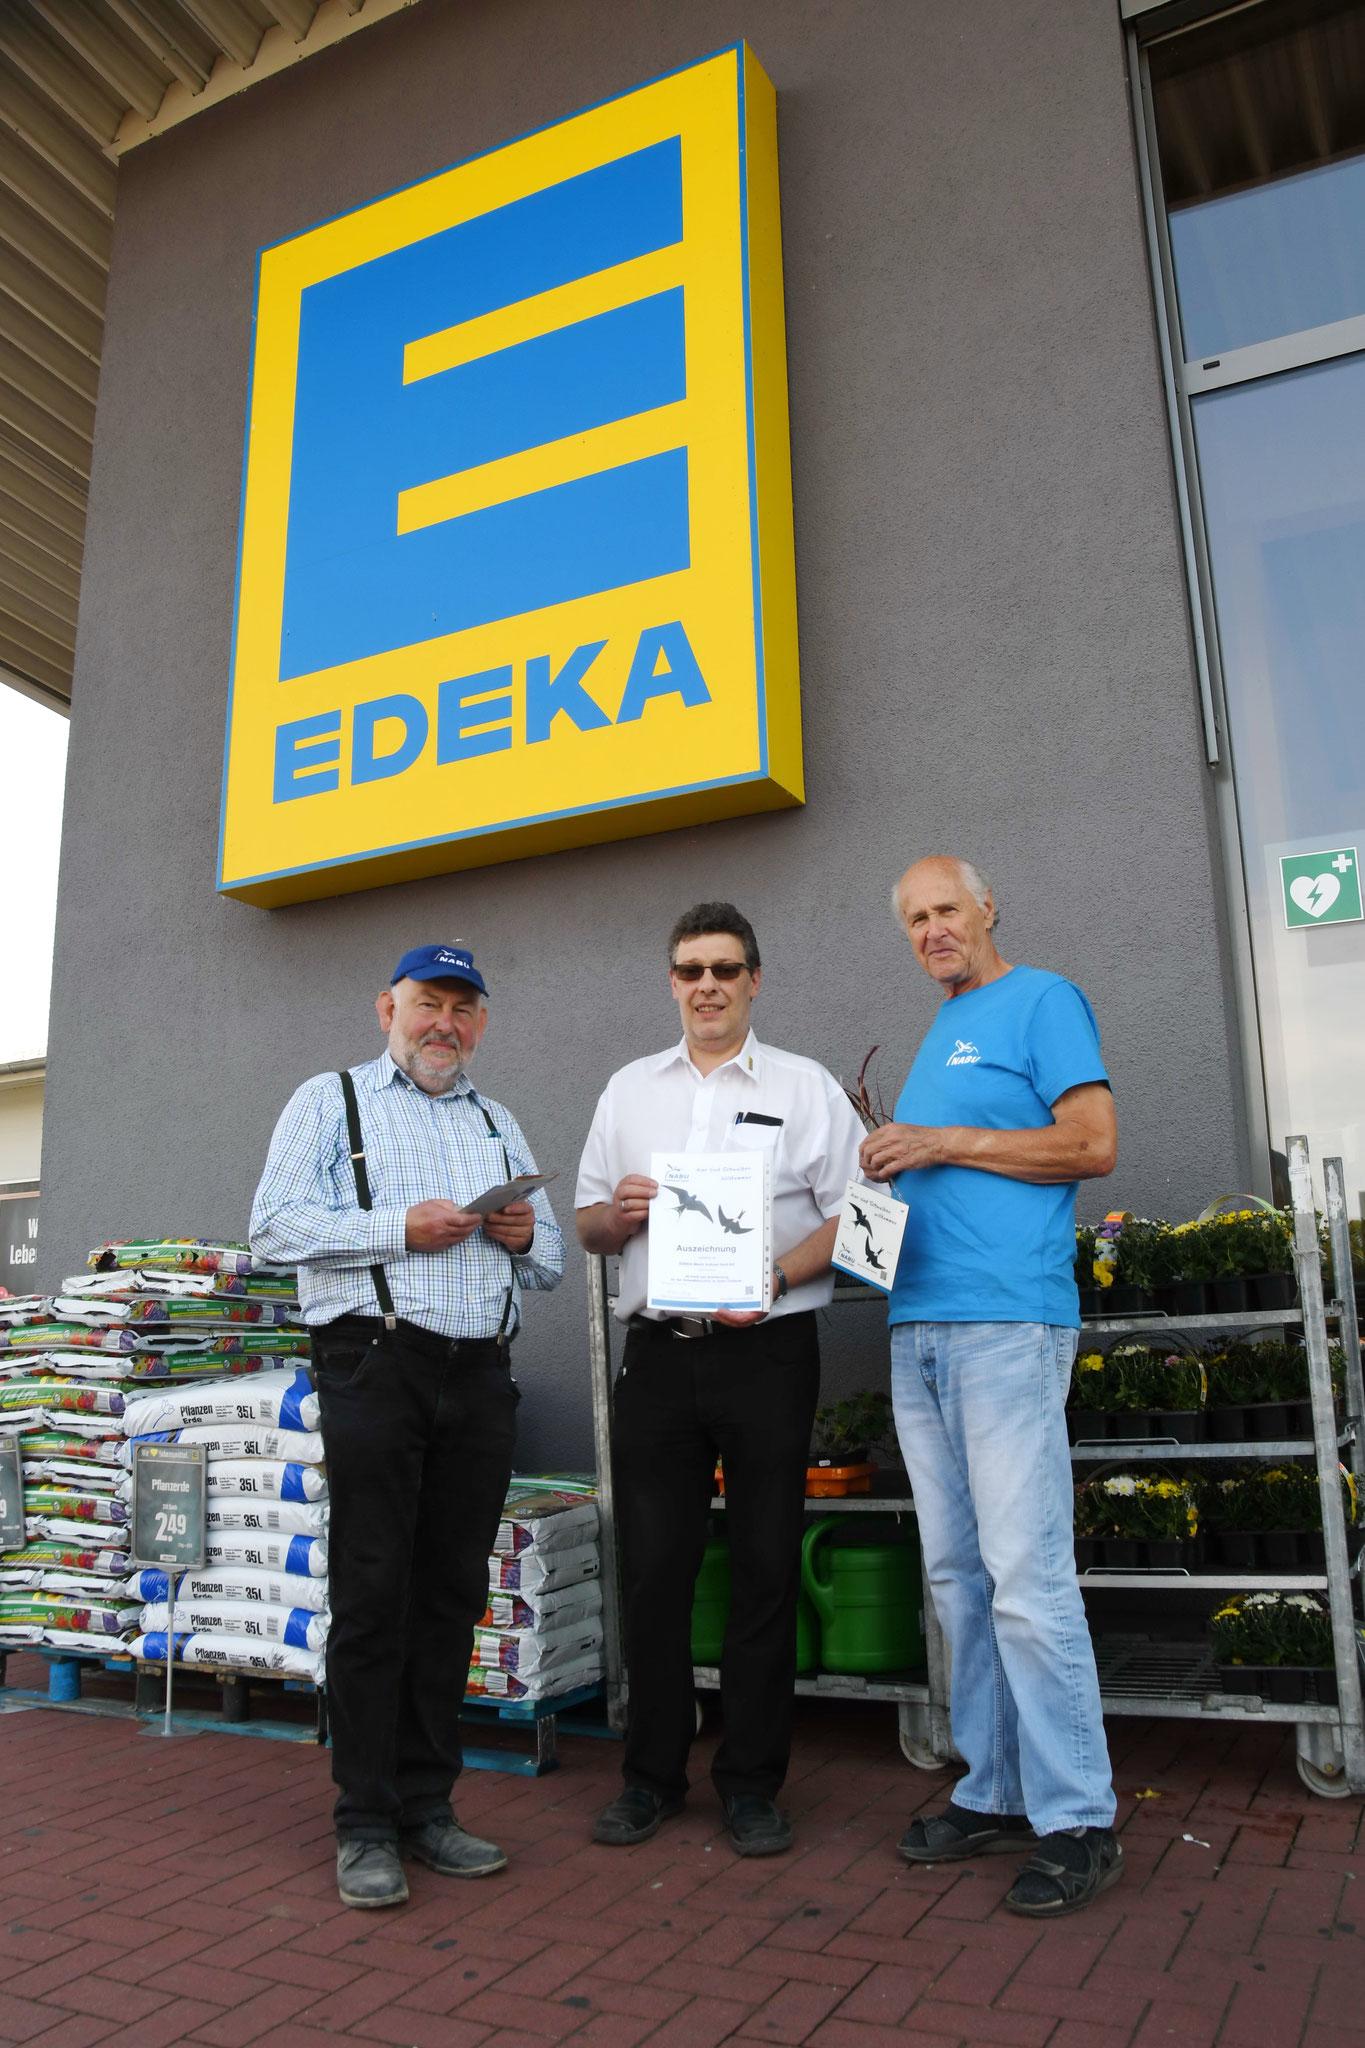 EDEKA-Markt in Oberkaufungen